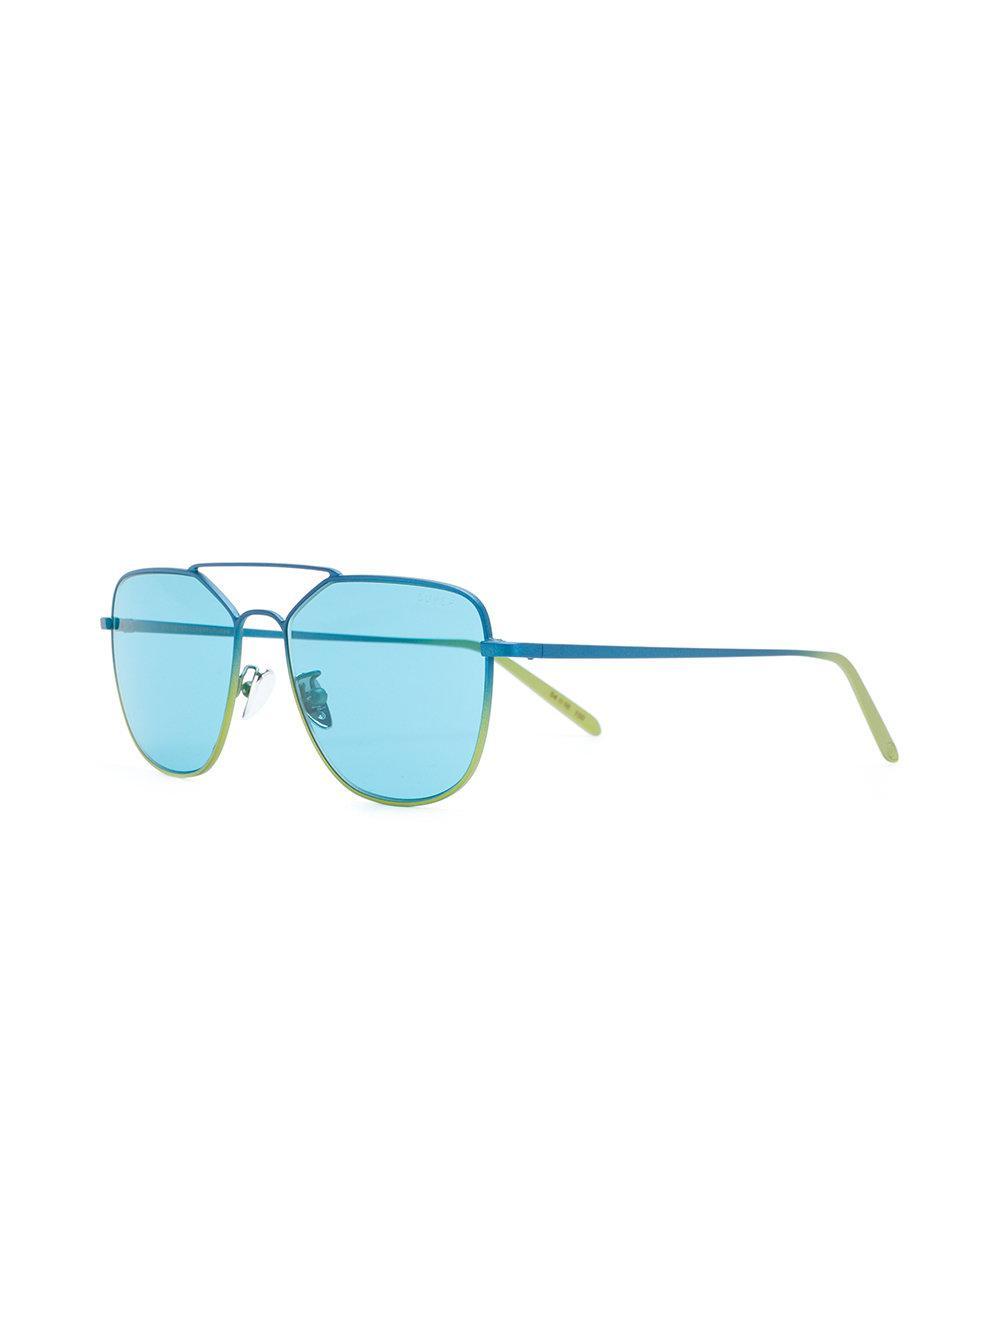 5d5f1f87d5cd Retrosuperfuture X I Visionari Daze Sunglasses in Blue - Lyst